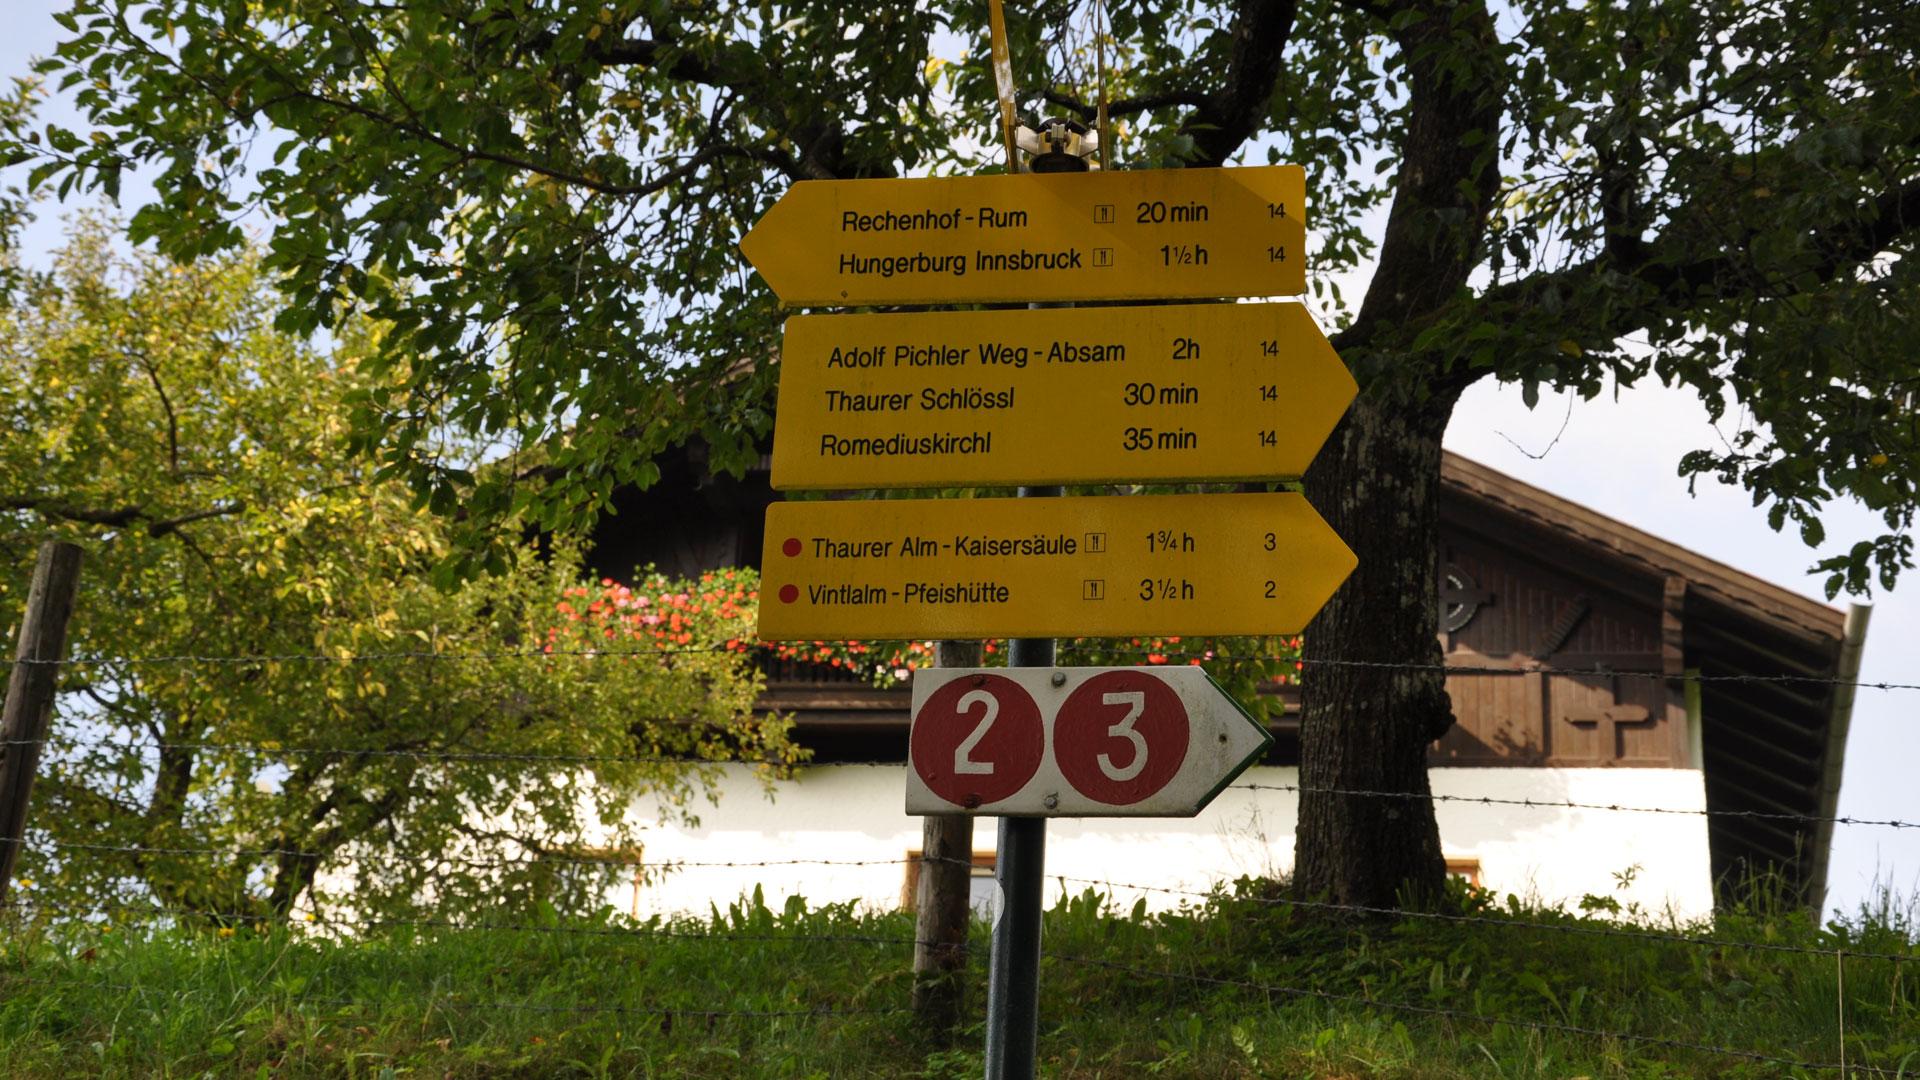 Waizenkirchen frau sucht mann, Pottenbrunn er sucht sie markt